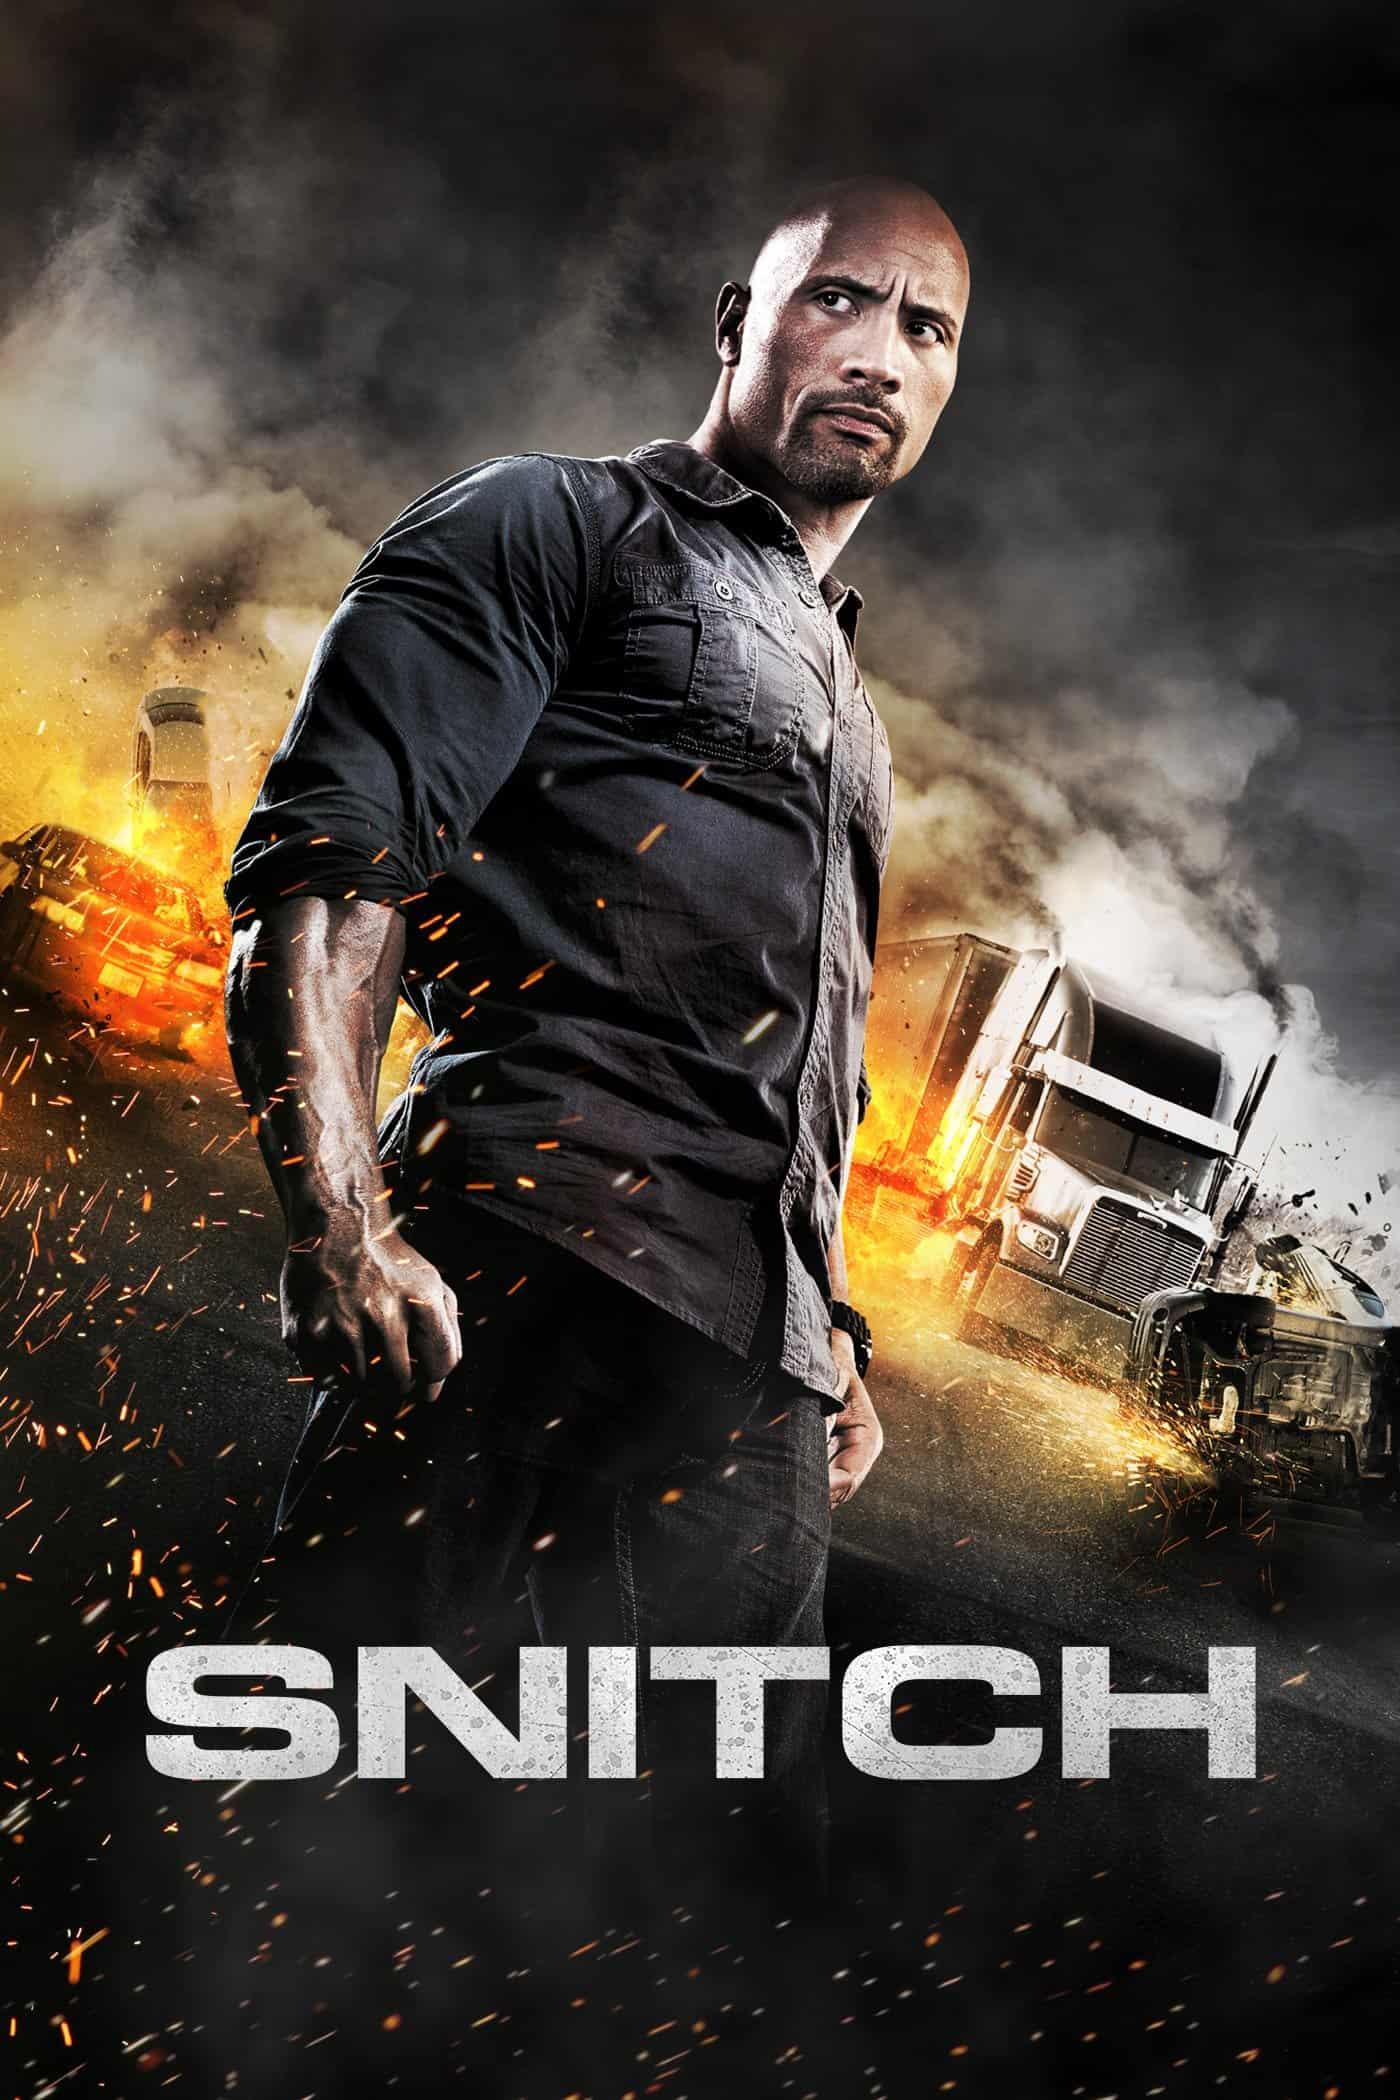 Snitch, 2013